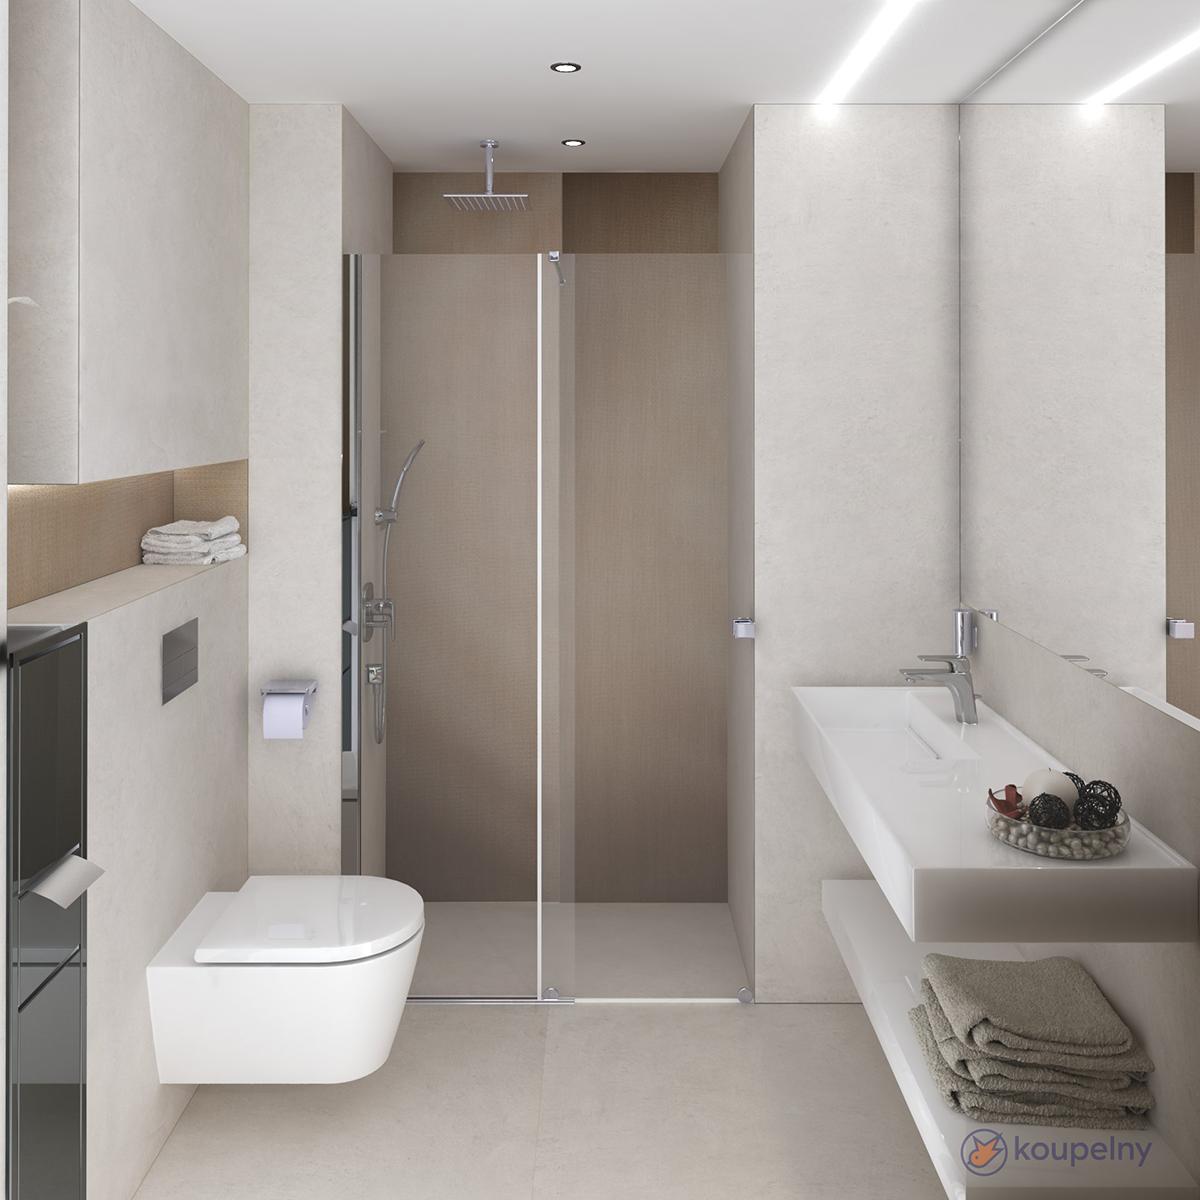 Hotel Ječná 9 koupelna 4_5_wm01